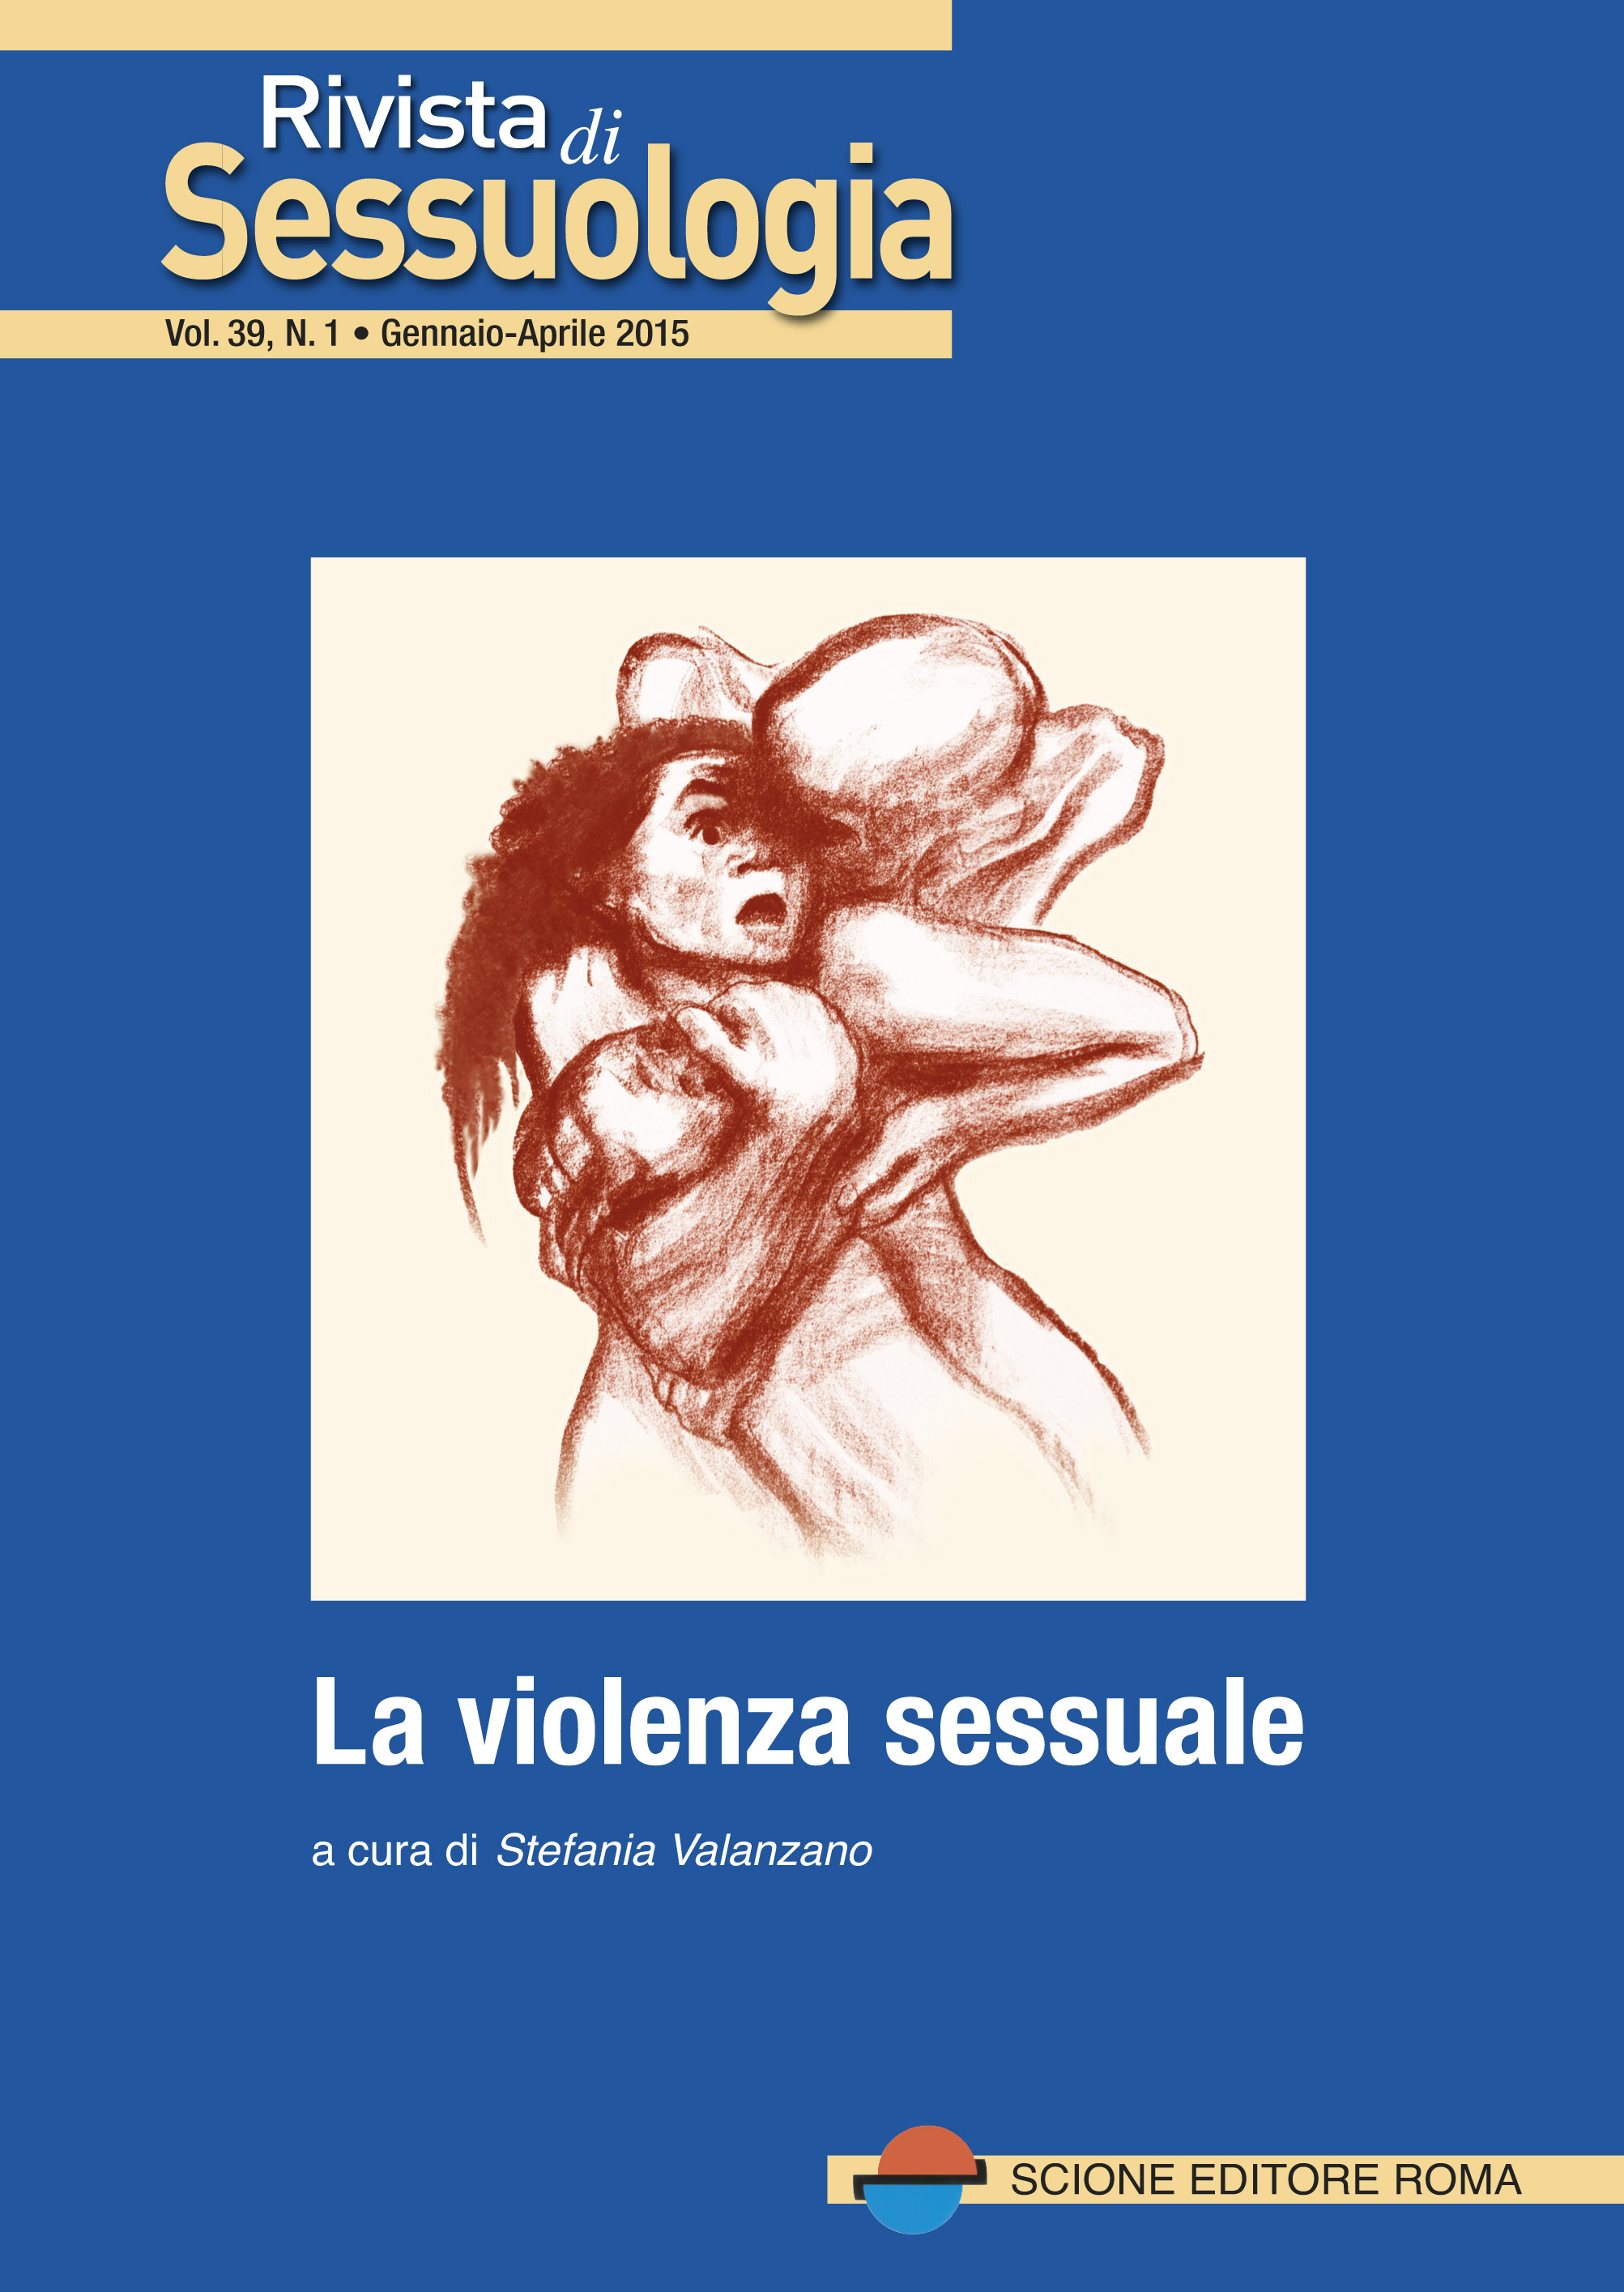 La rivista di sessuologia: Violenza sessuola